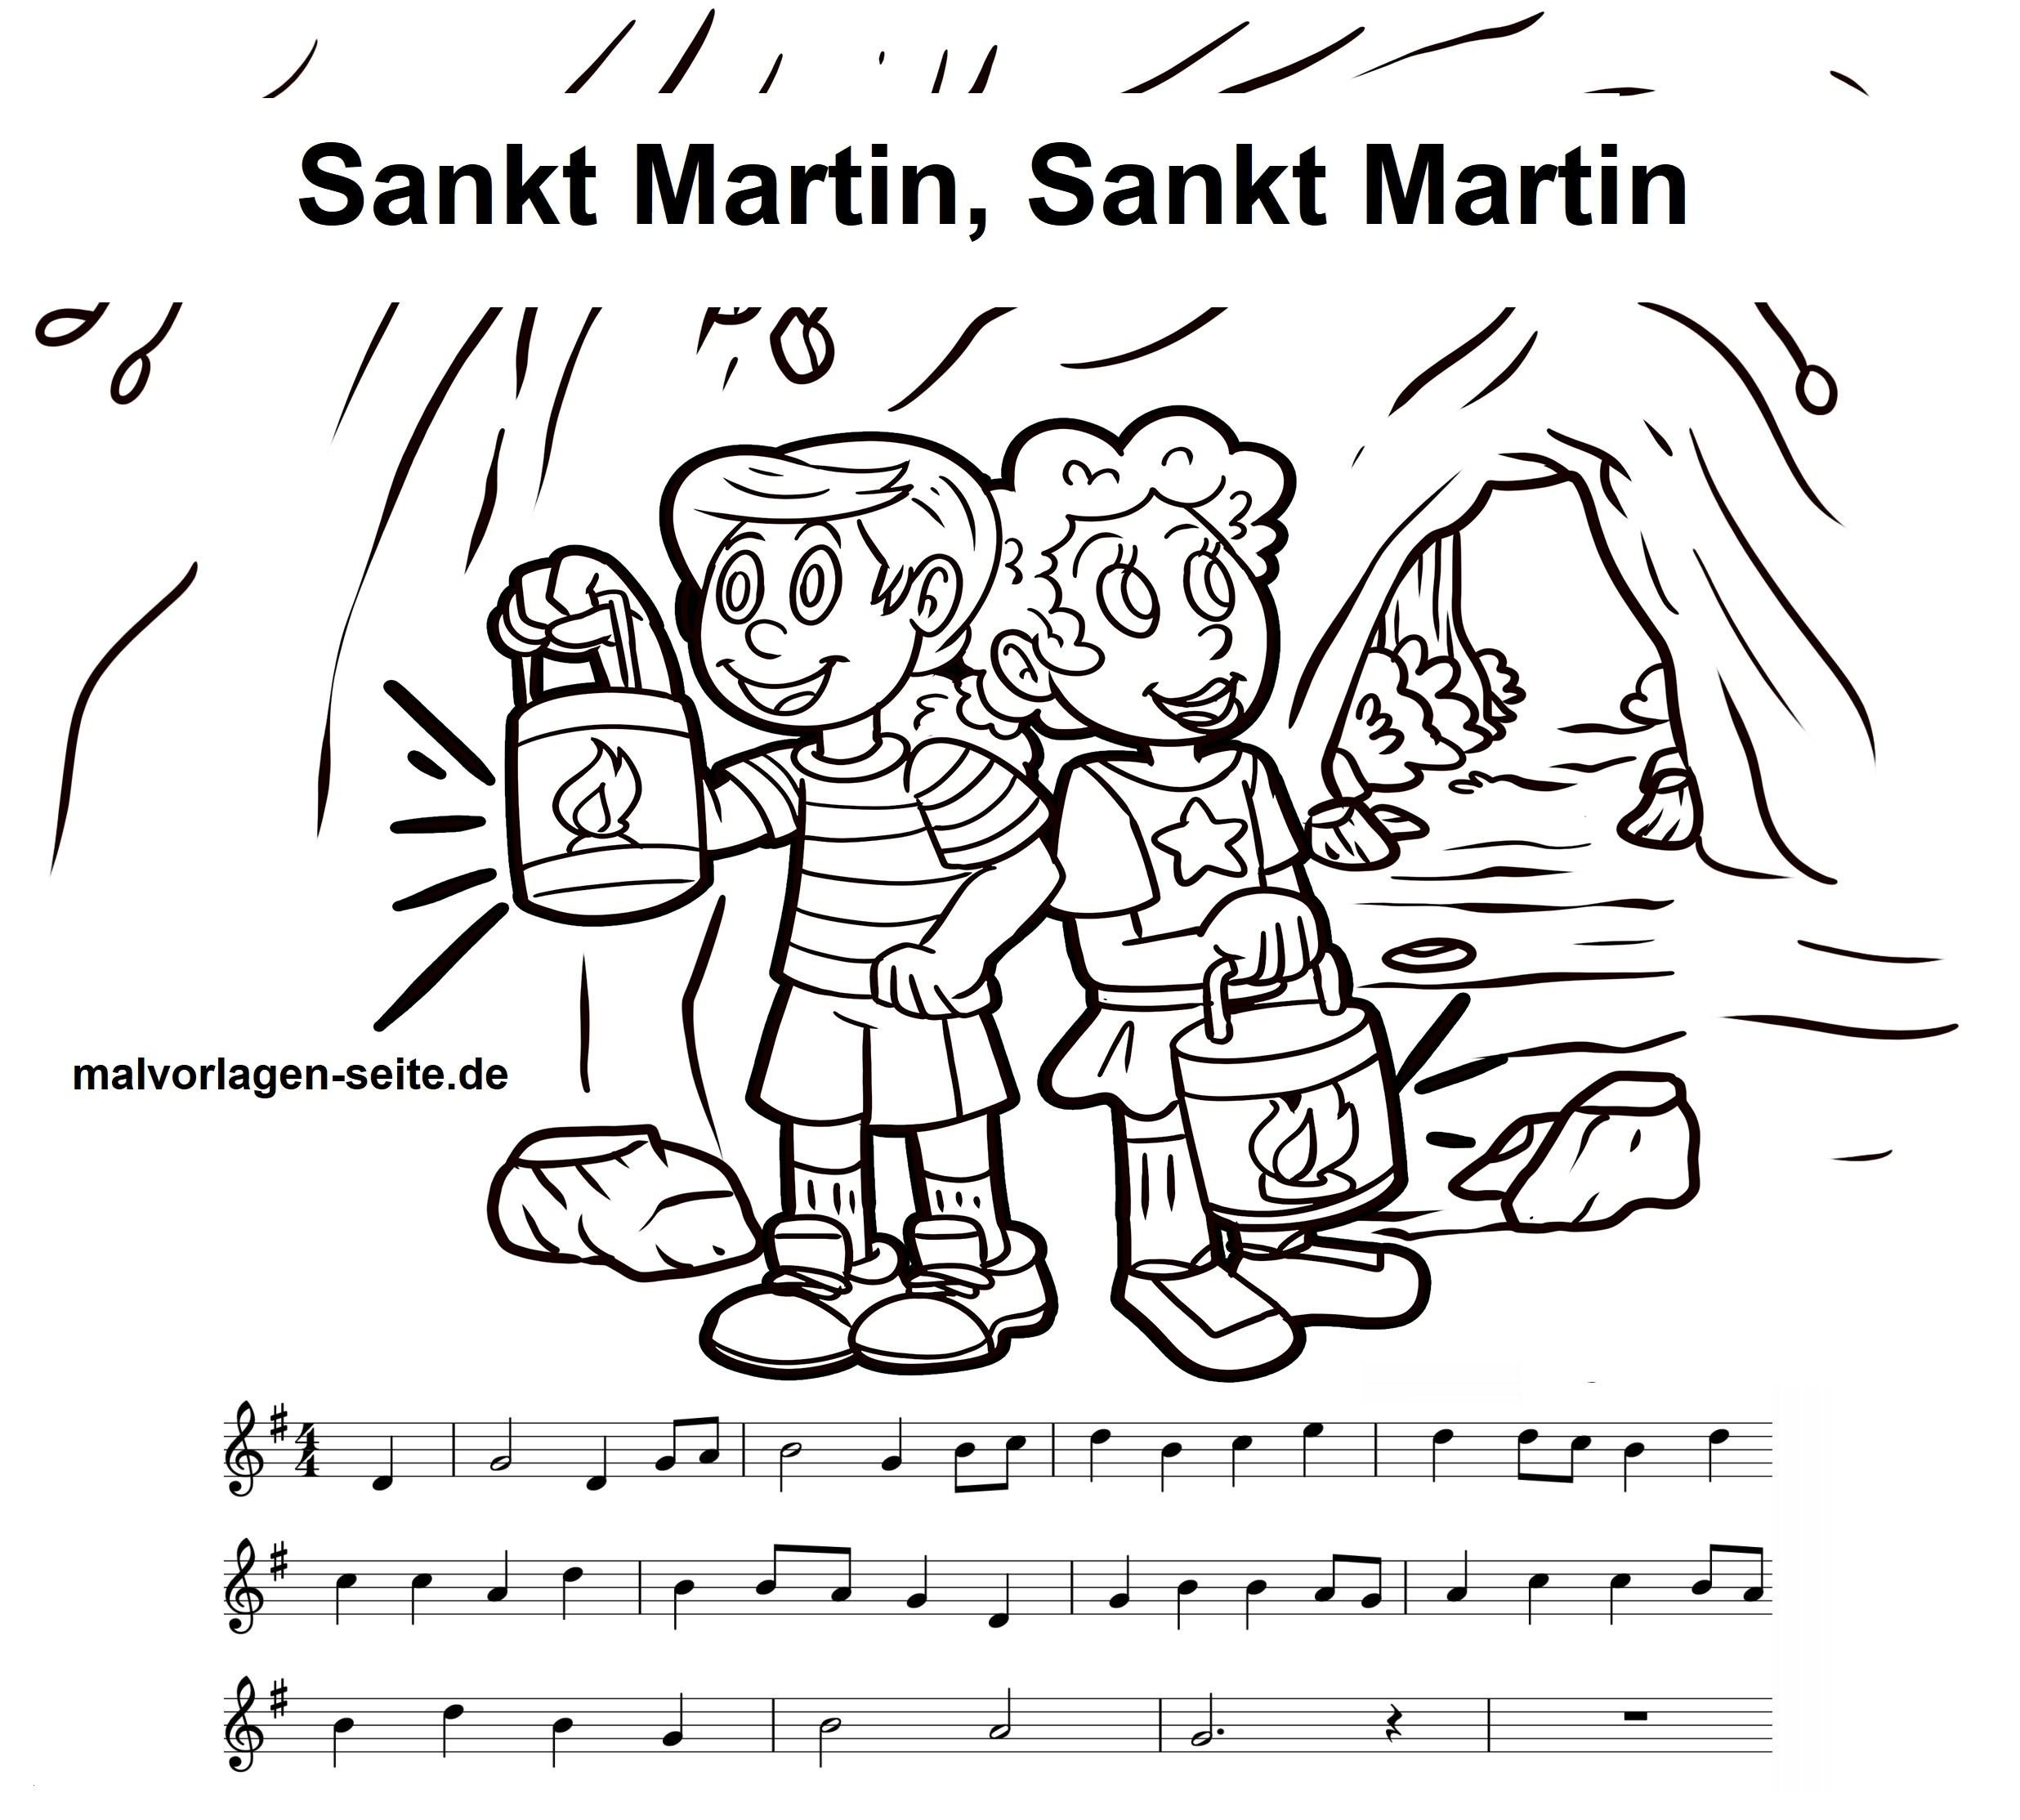 Sankt Martin Ausmalbilder Einzigartig 39 Elegant St Martin Ausmalbilder – Große Coloring Page Sammlung Das Bild